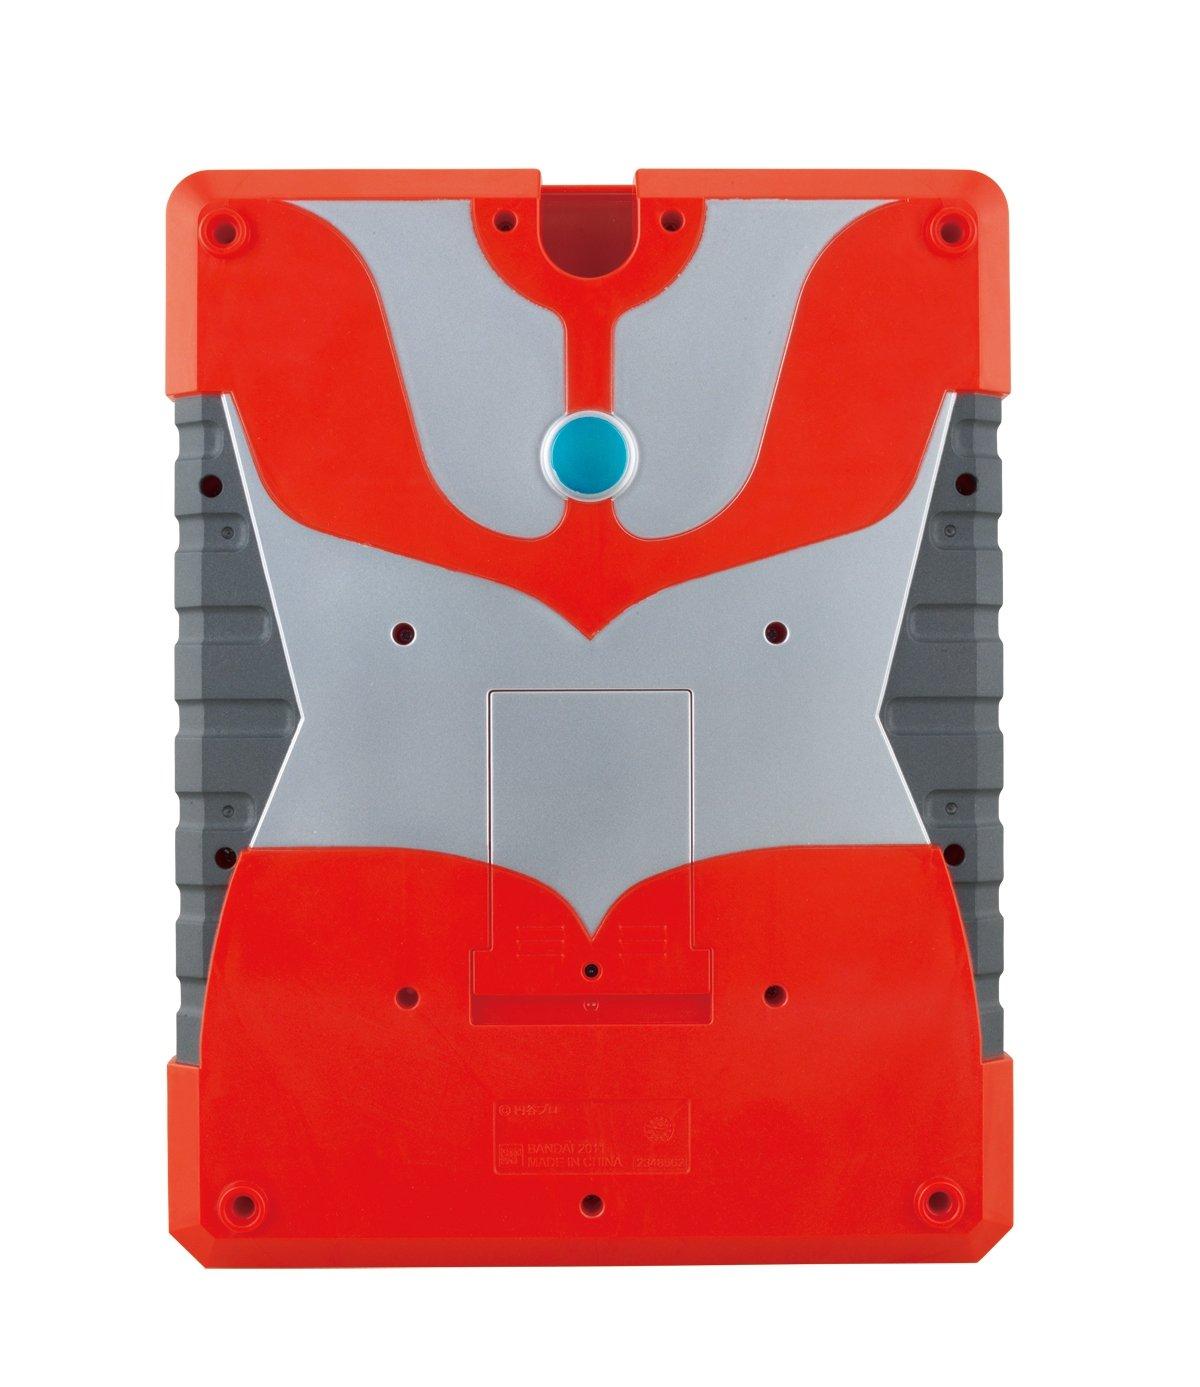 Bandai Ultra PAD NEO Toy Tablet by Bandai (Image #4)